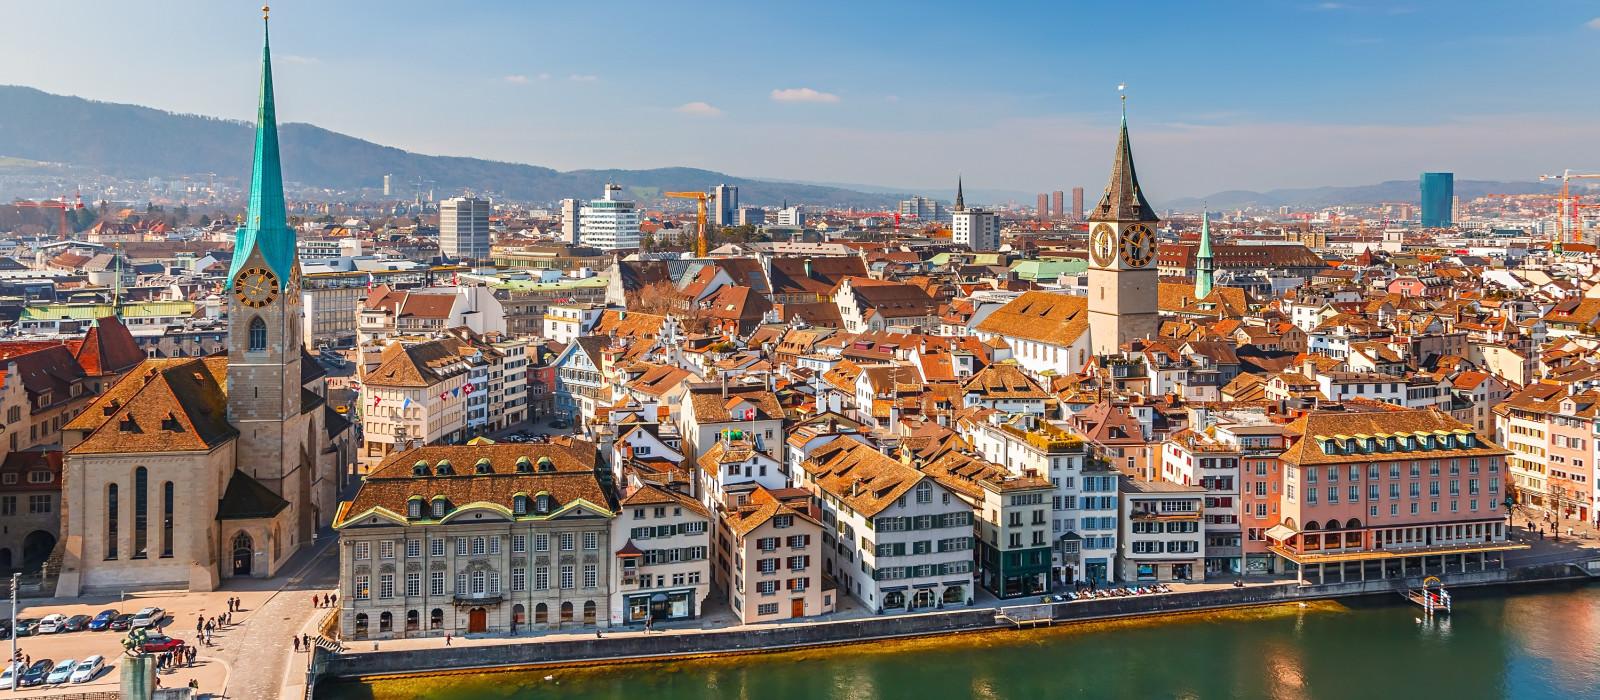 Destination Zürich Switzerland